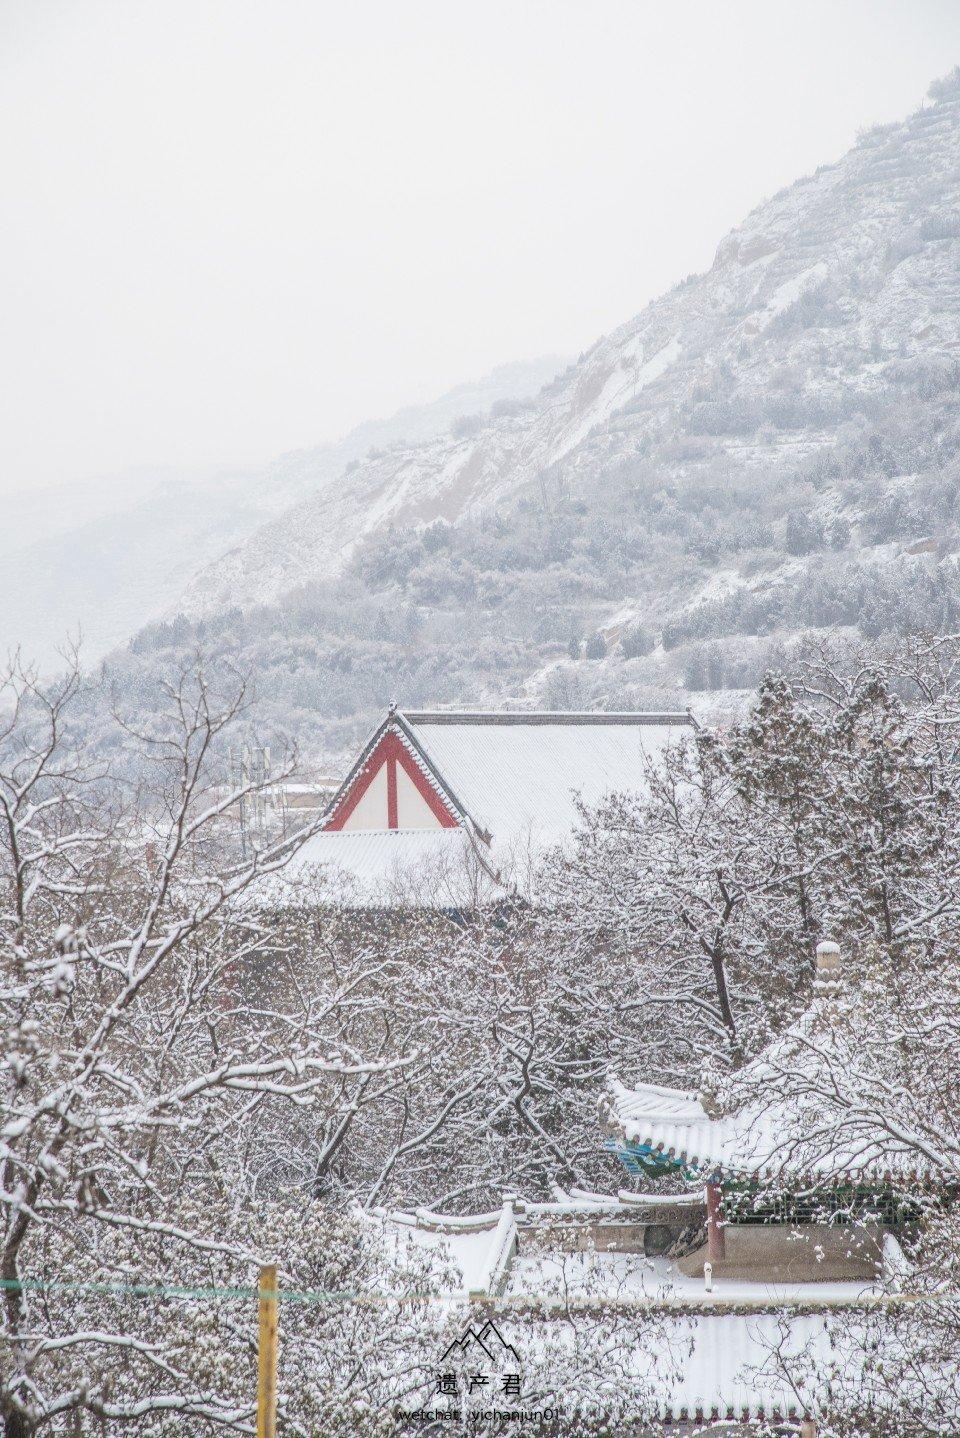 兰州五泉山的雪,中国传统建筑配上雪景,一种天人合一的东方人文美